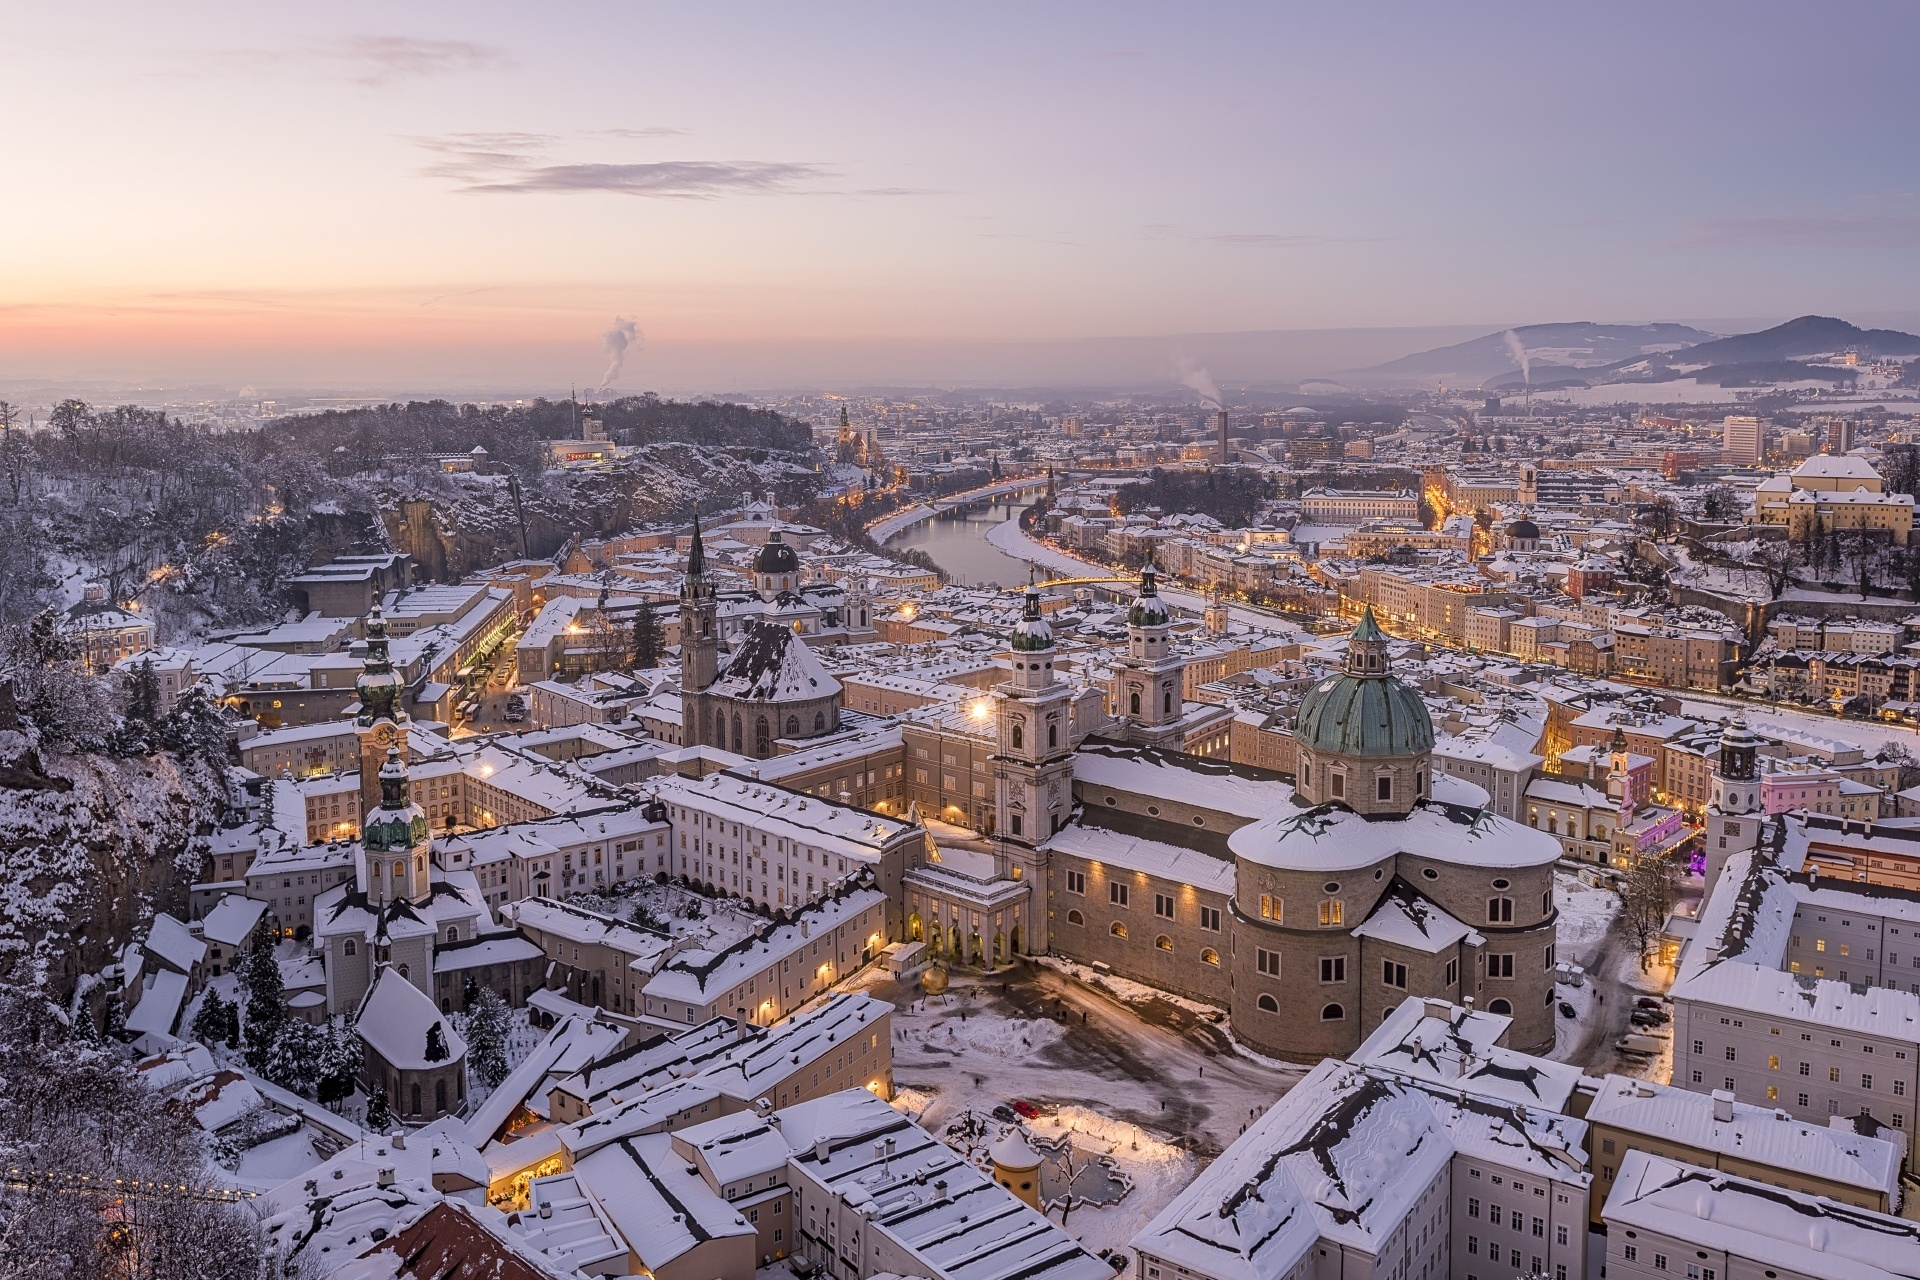 冬のザルツブルクの風景 オーストリアの風景